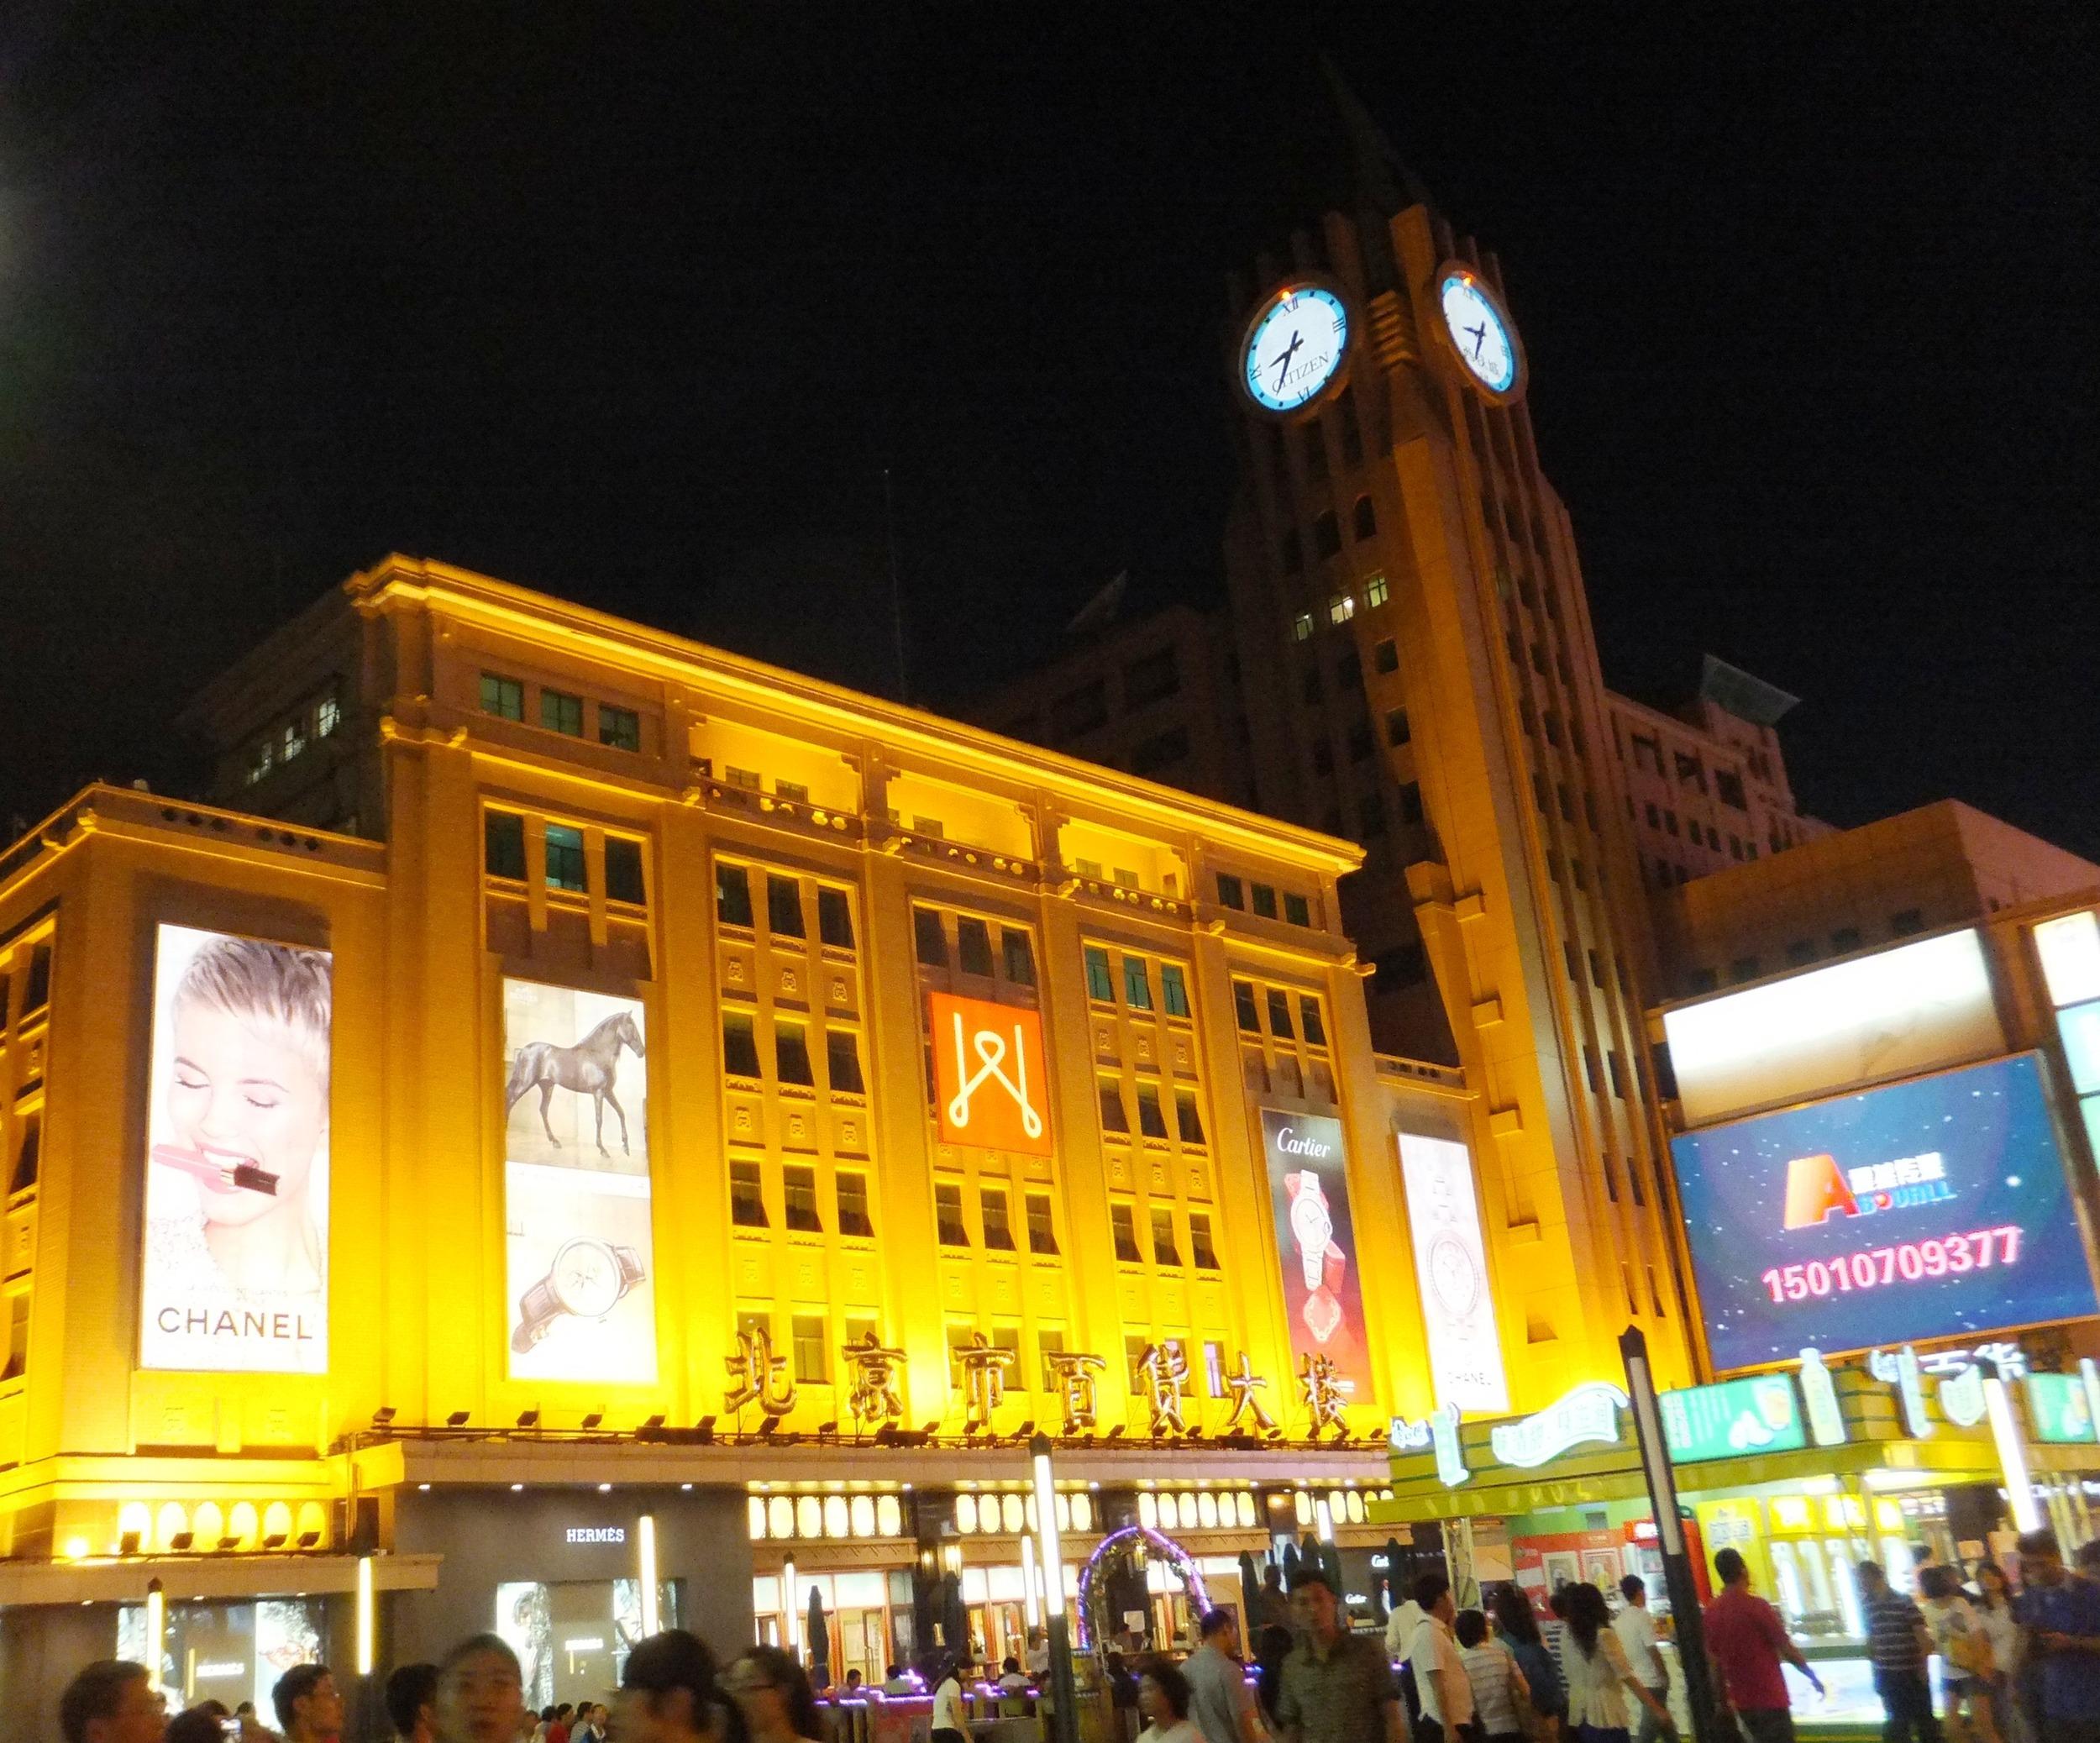 First department store in Beijing